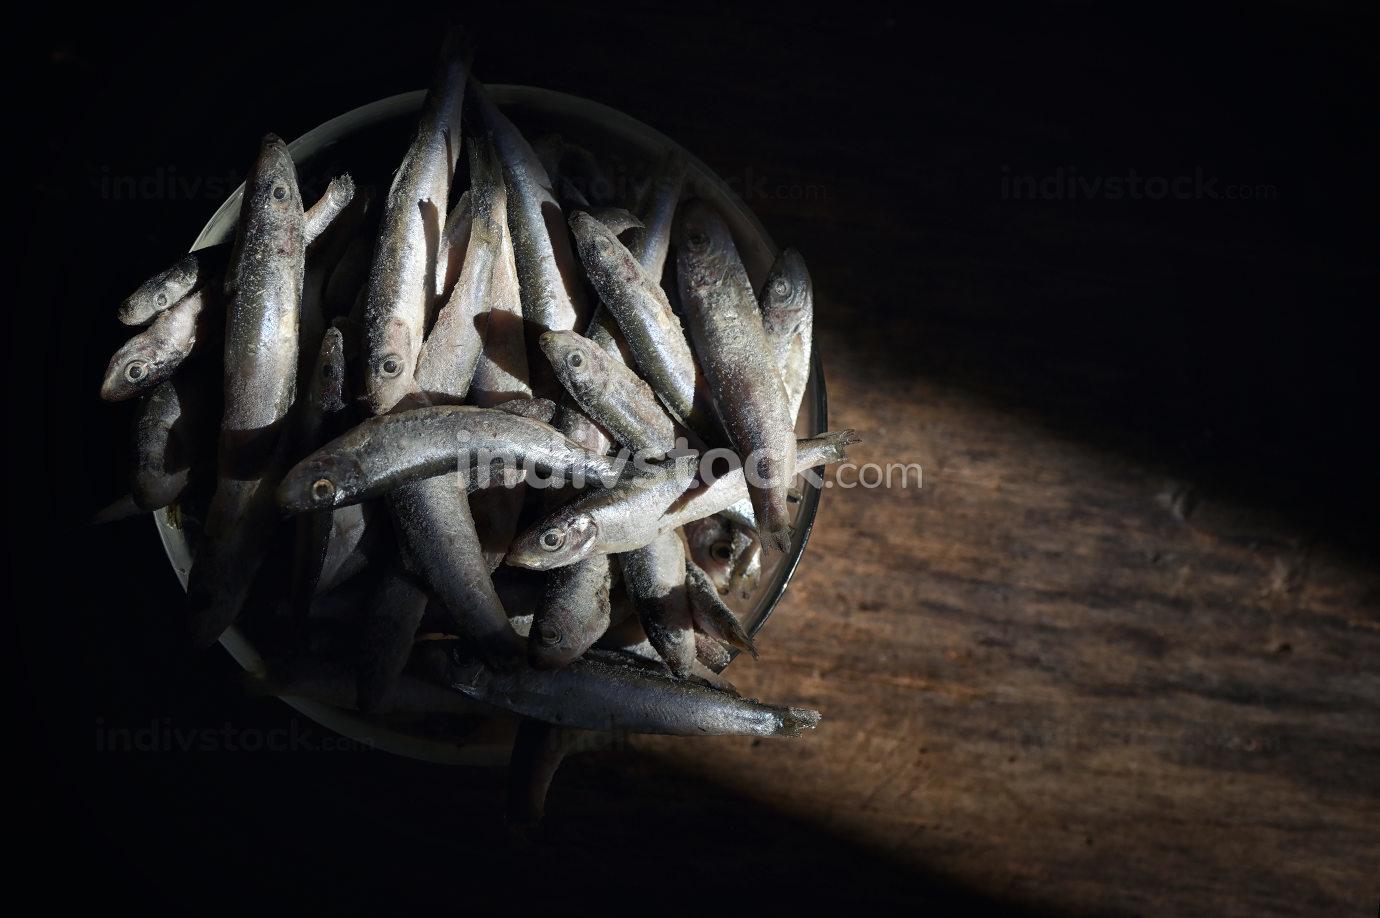 Frozen sprat fish on wooden table